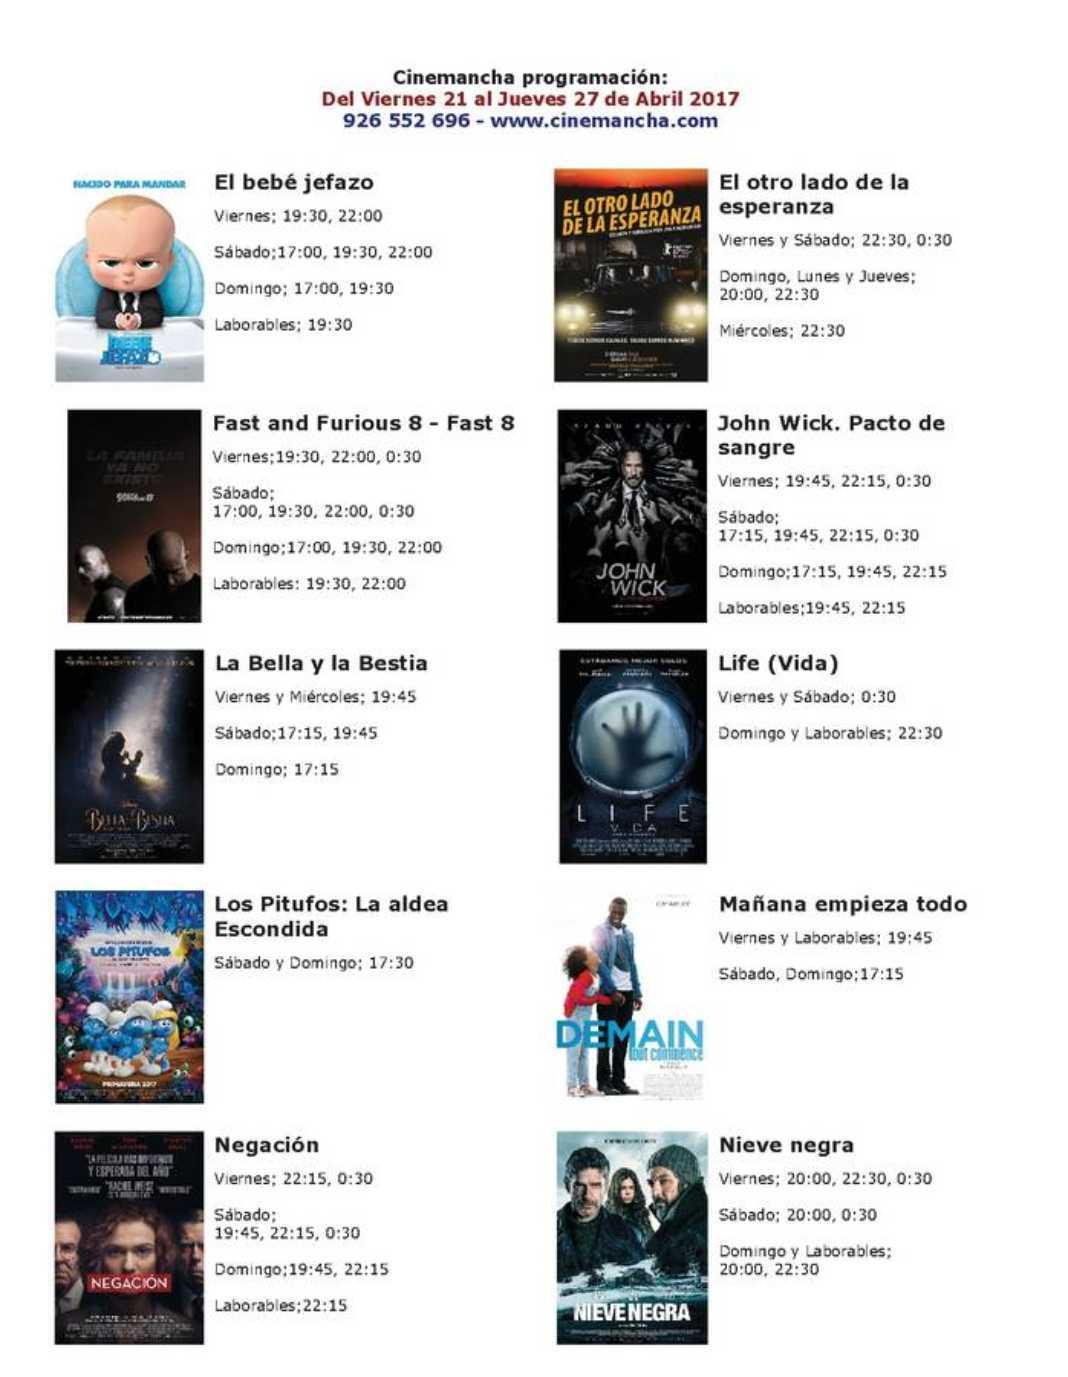 Cartelera Cinemancha del viernes 21 al jueves 27 de abril. 2